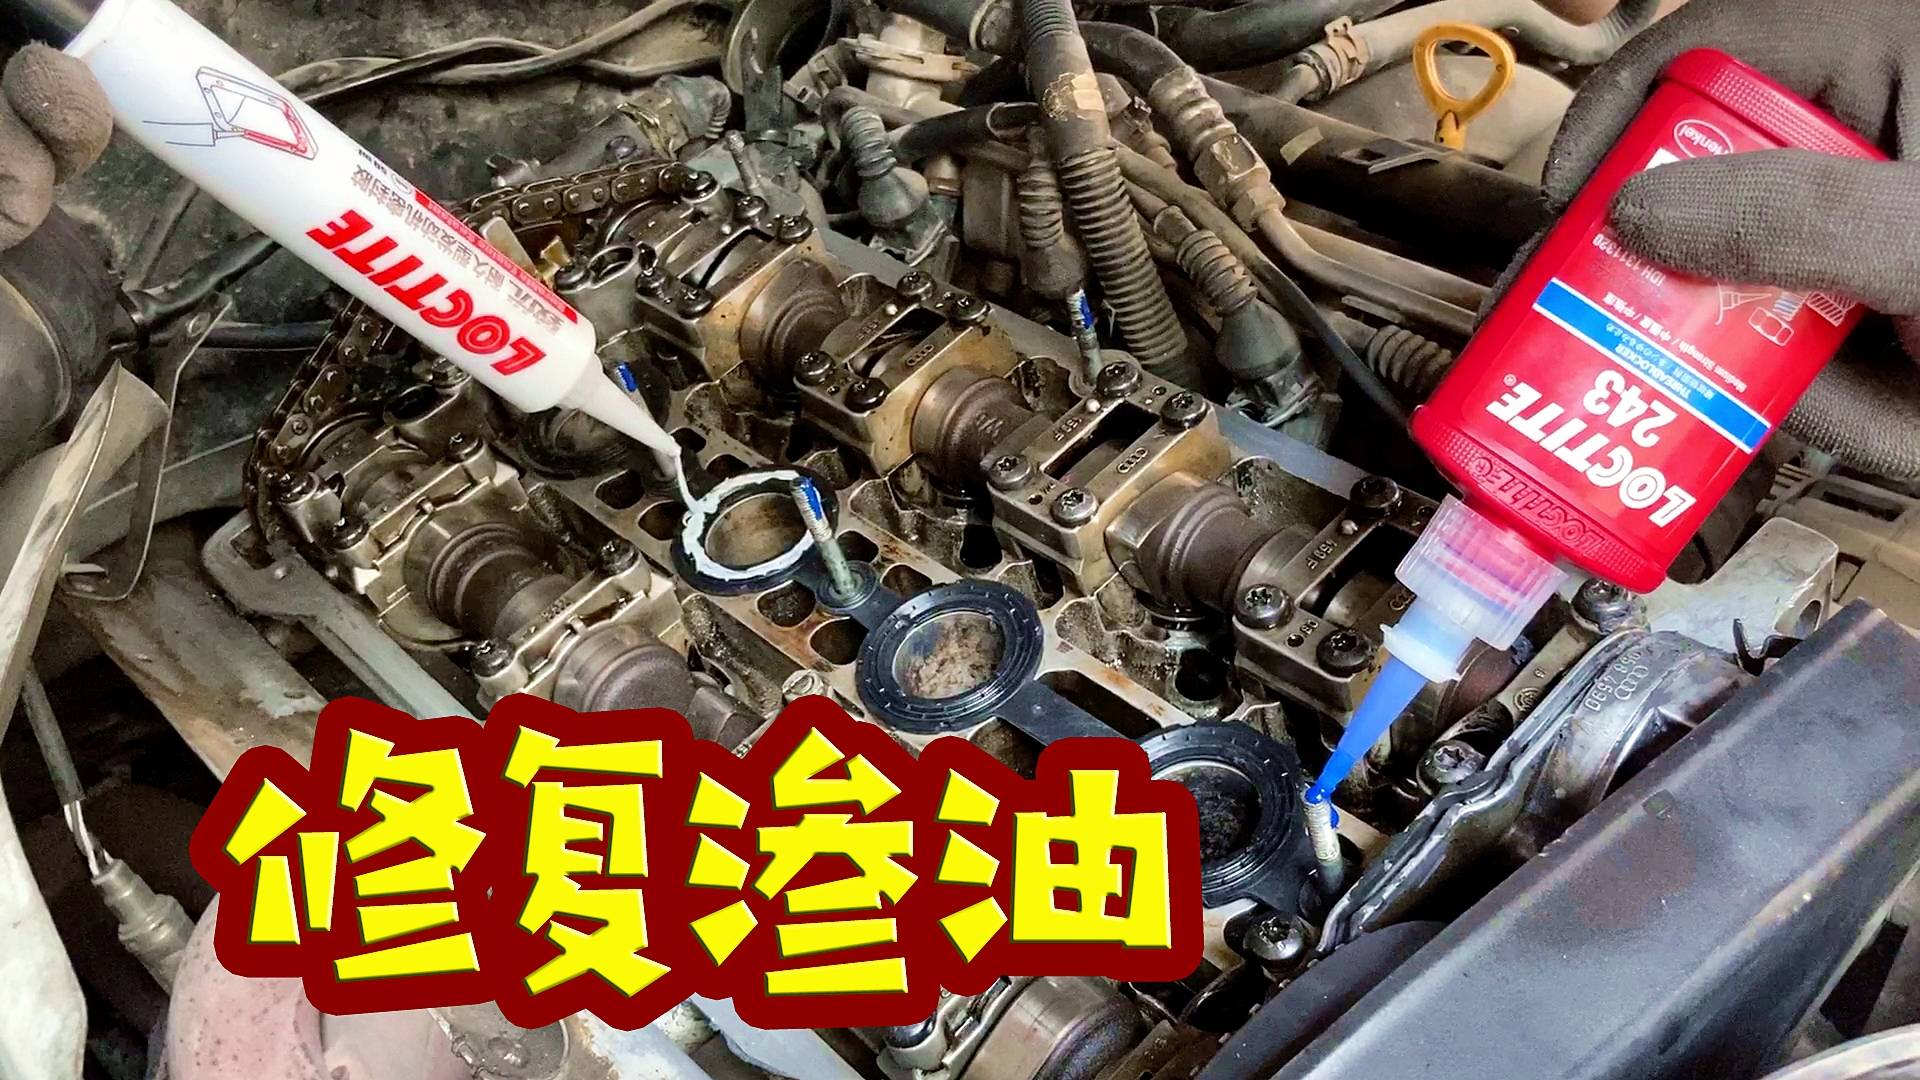 【撸车师兄】发动机漏机油反反复复?规范修理很重要,师兄教你自己动手修